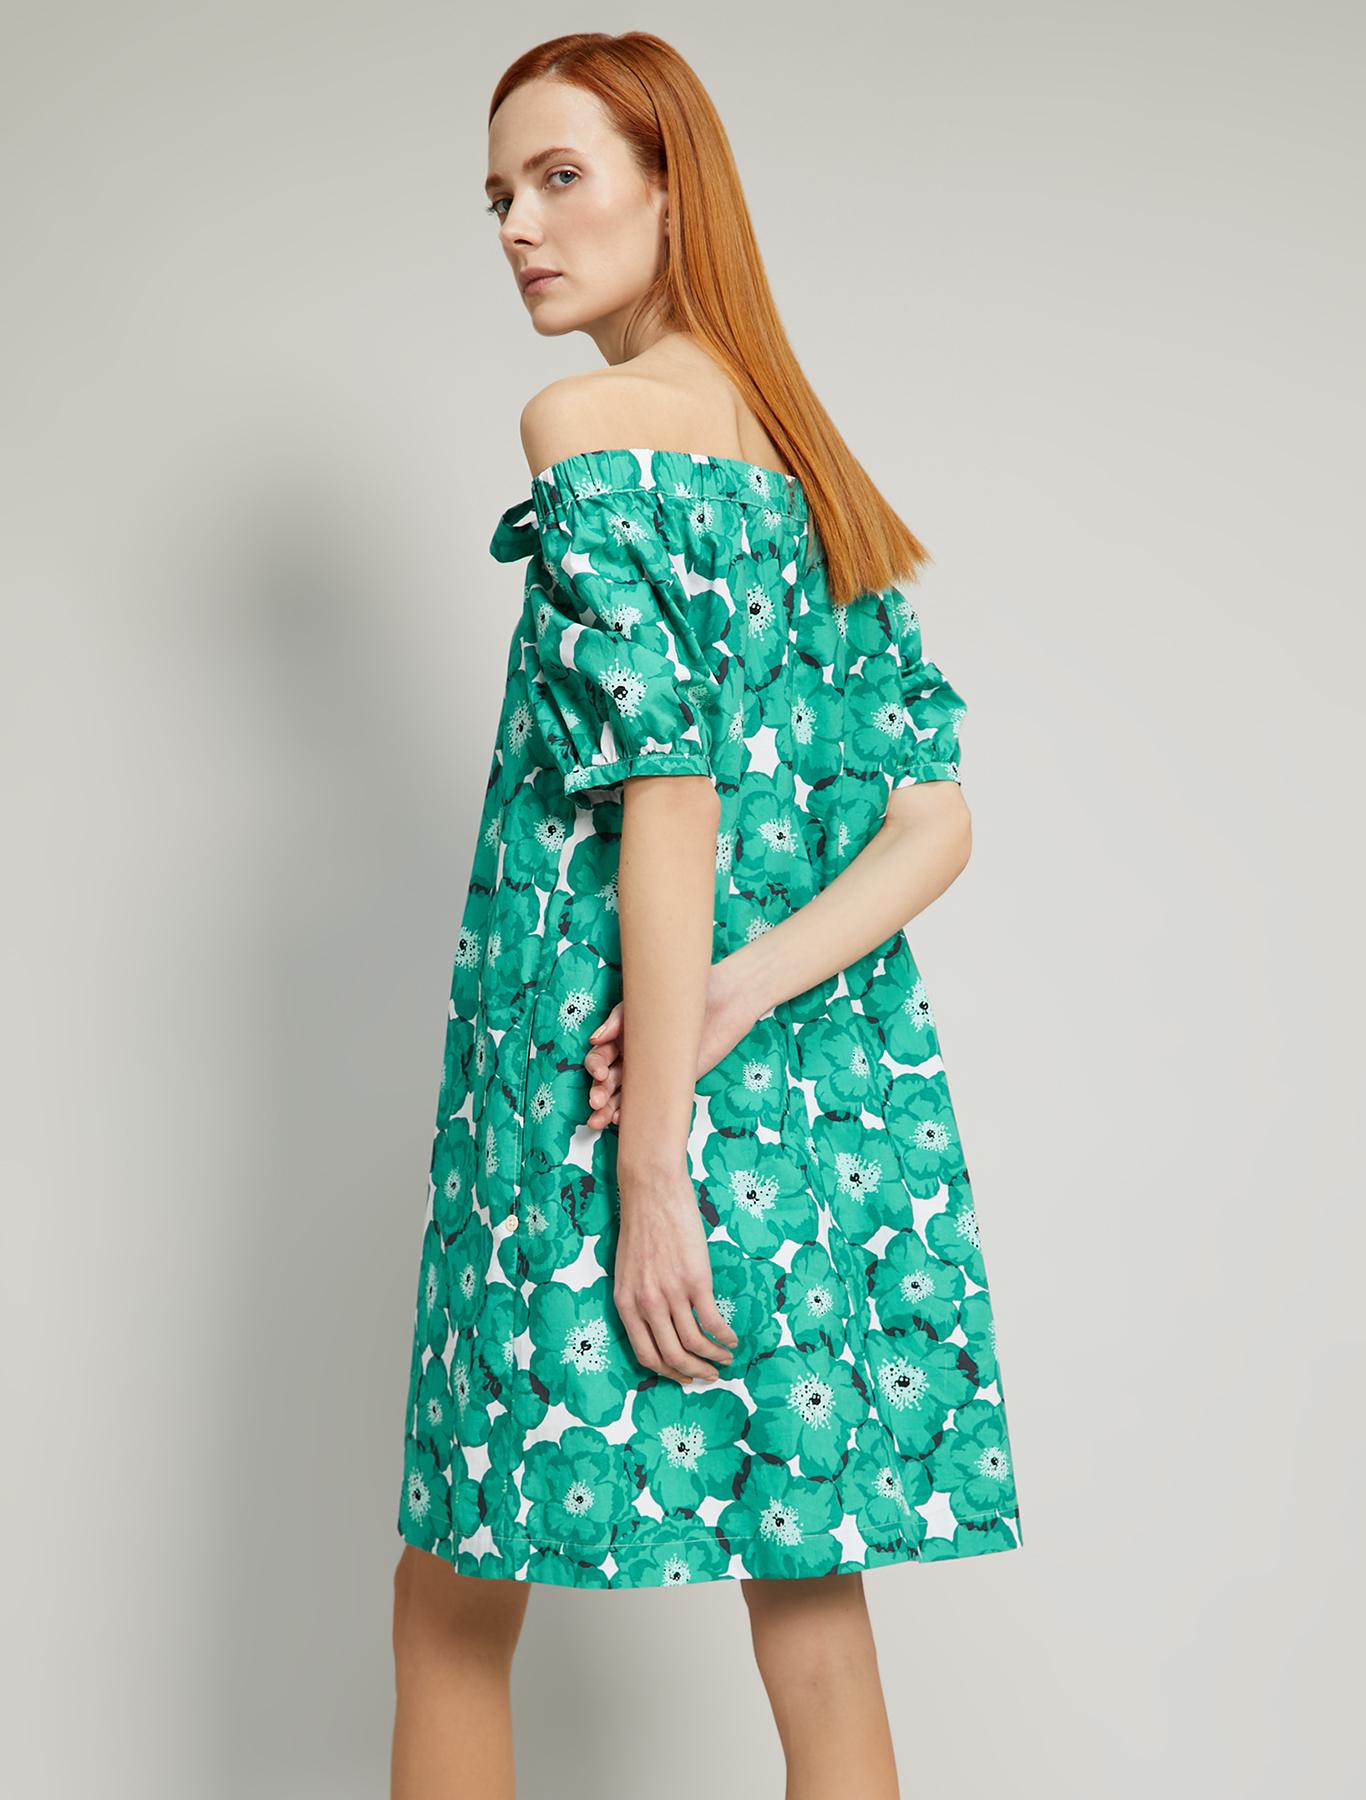 Cotton poplin dress - emerald green pattern - pennyblack